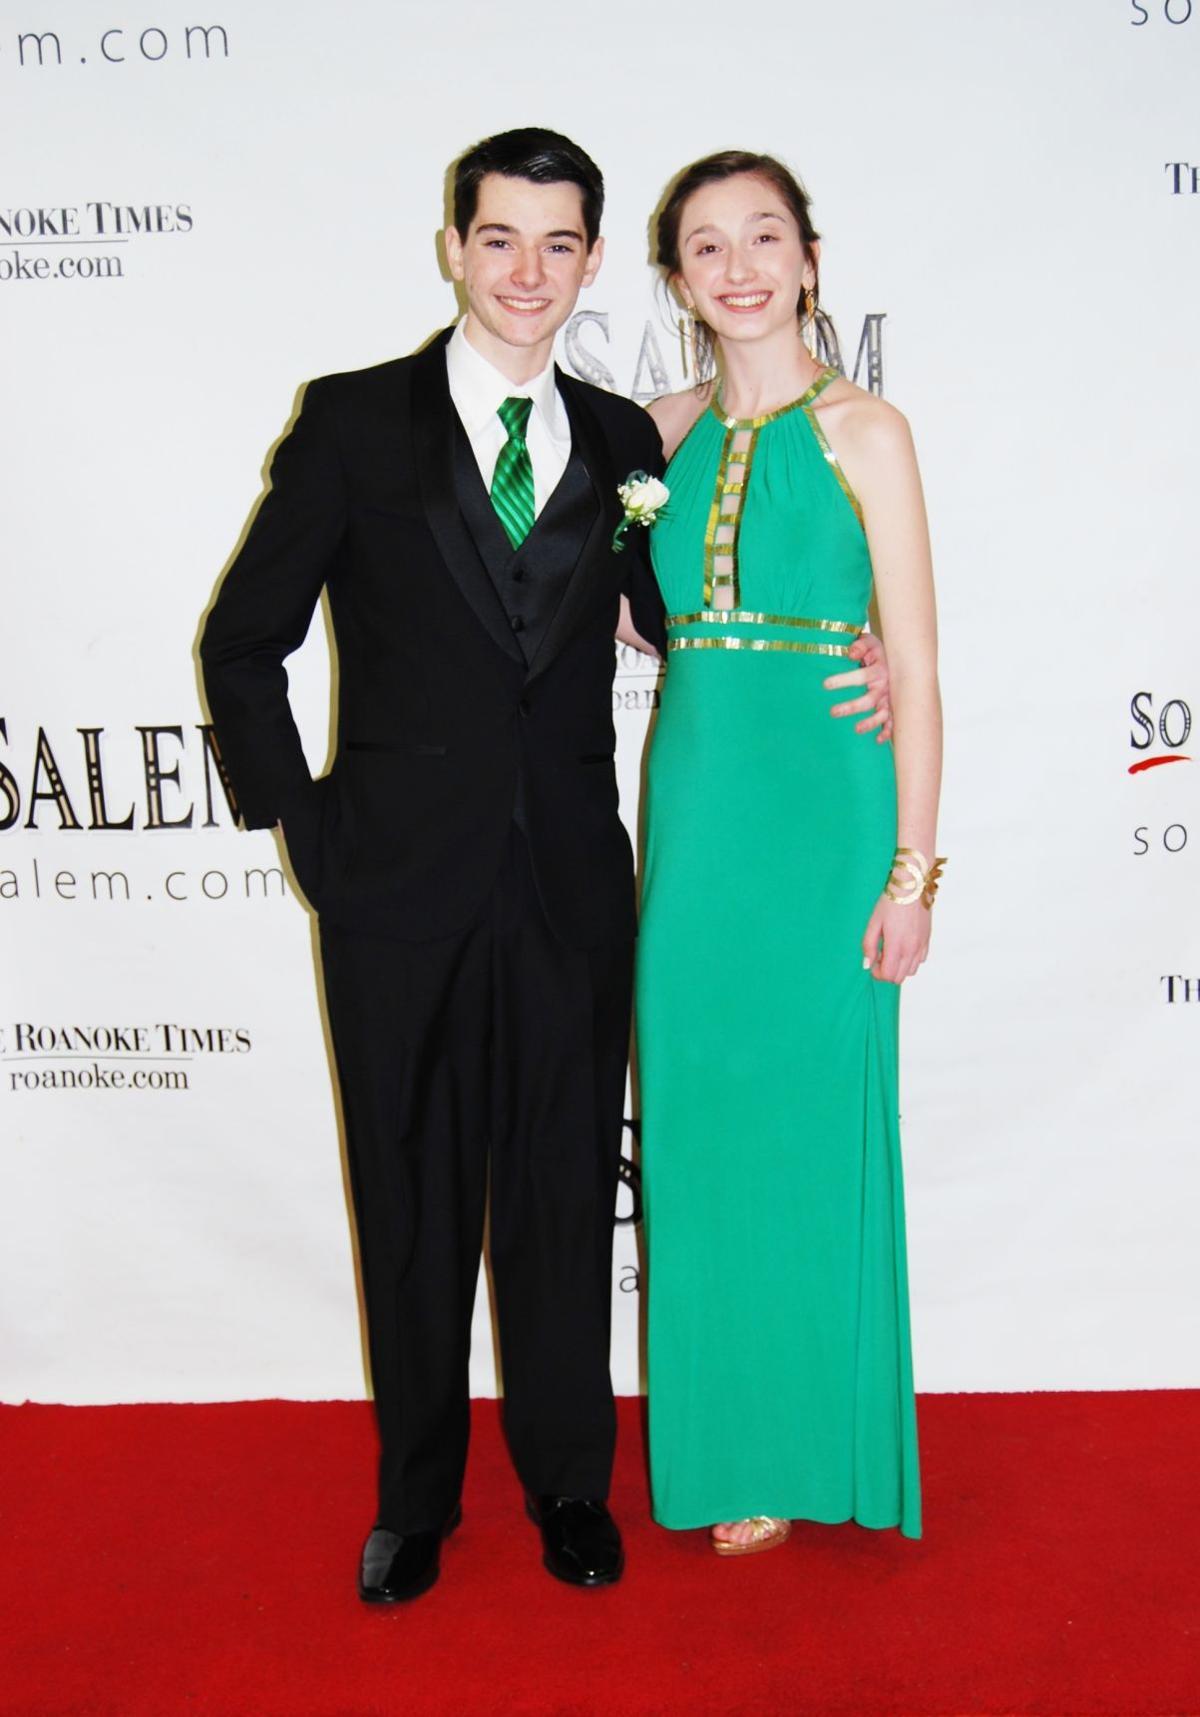 Unusual Prom Mens Suits Images - Wedding Ideas - memiocall.com